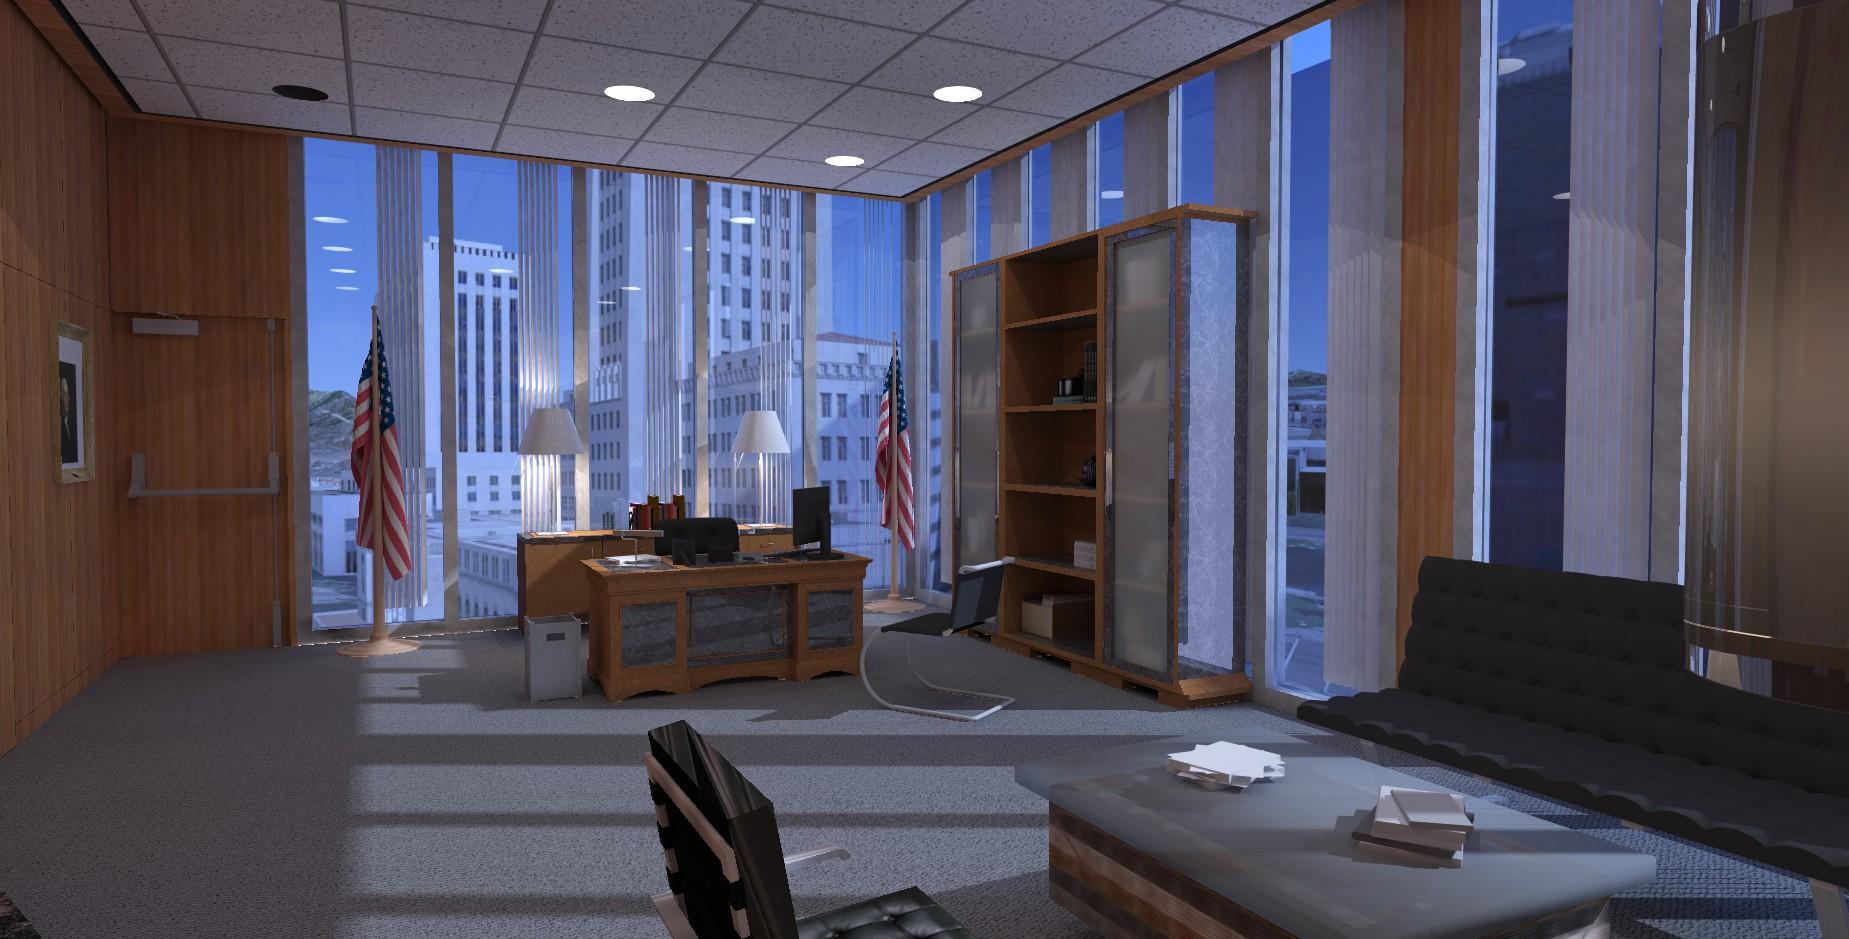 MayorsOffice v1 2012-03-04 11581600000.jpg